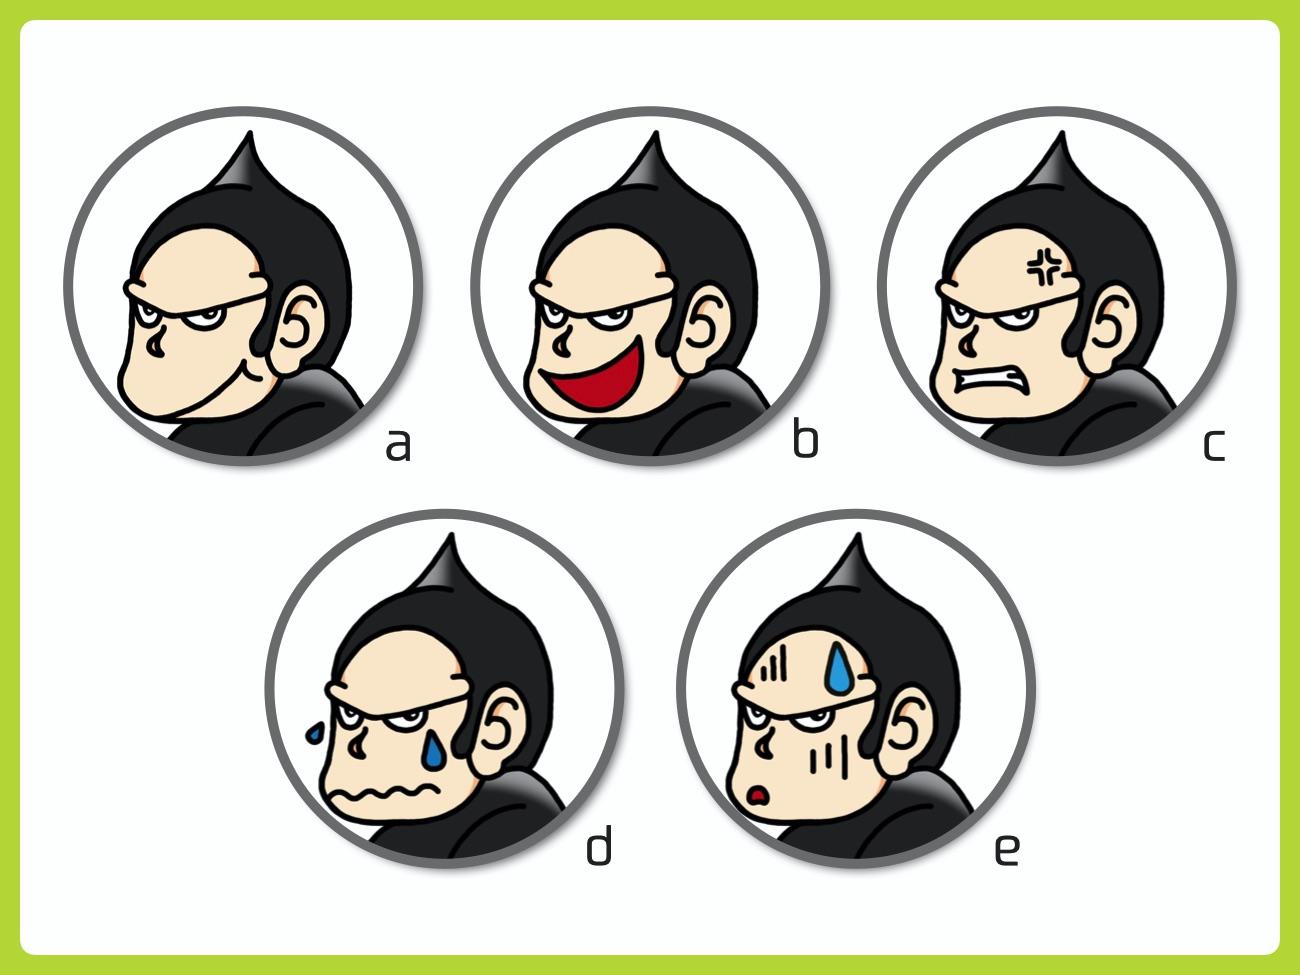 これまで使っていた5パターンの表情